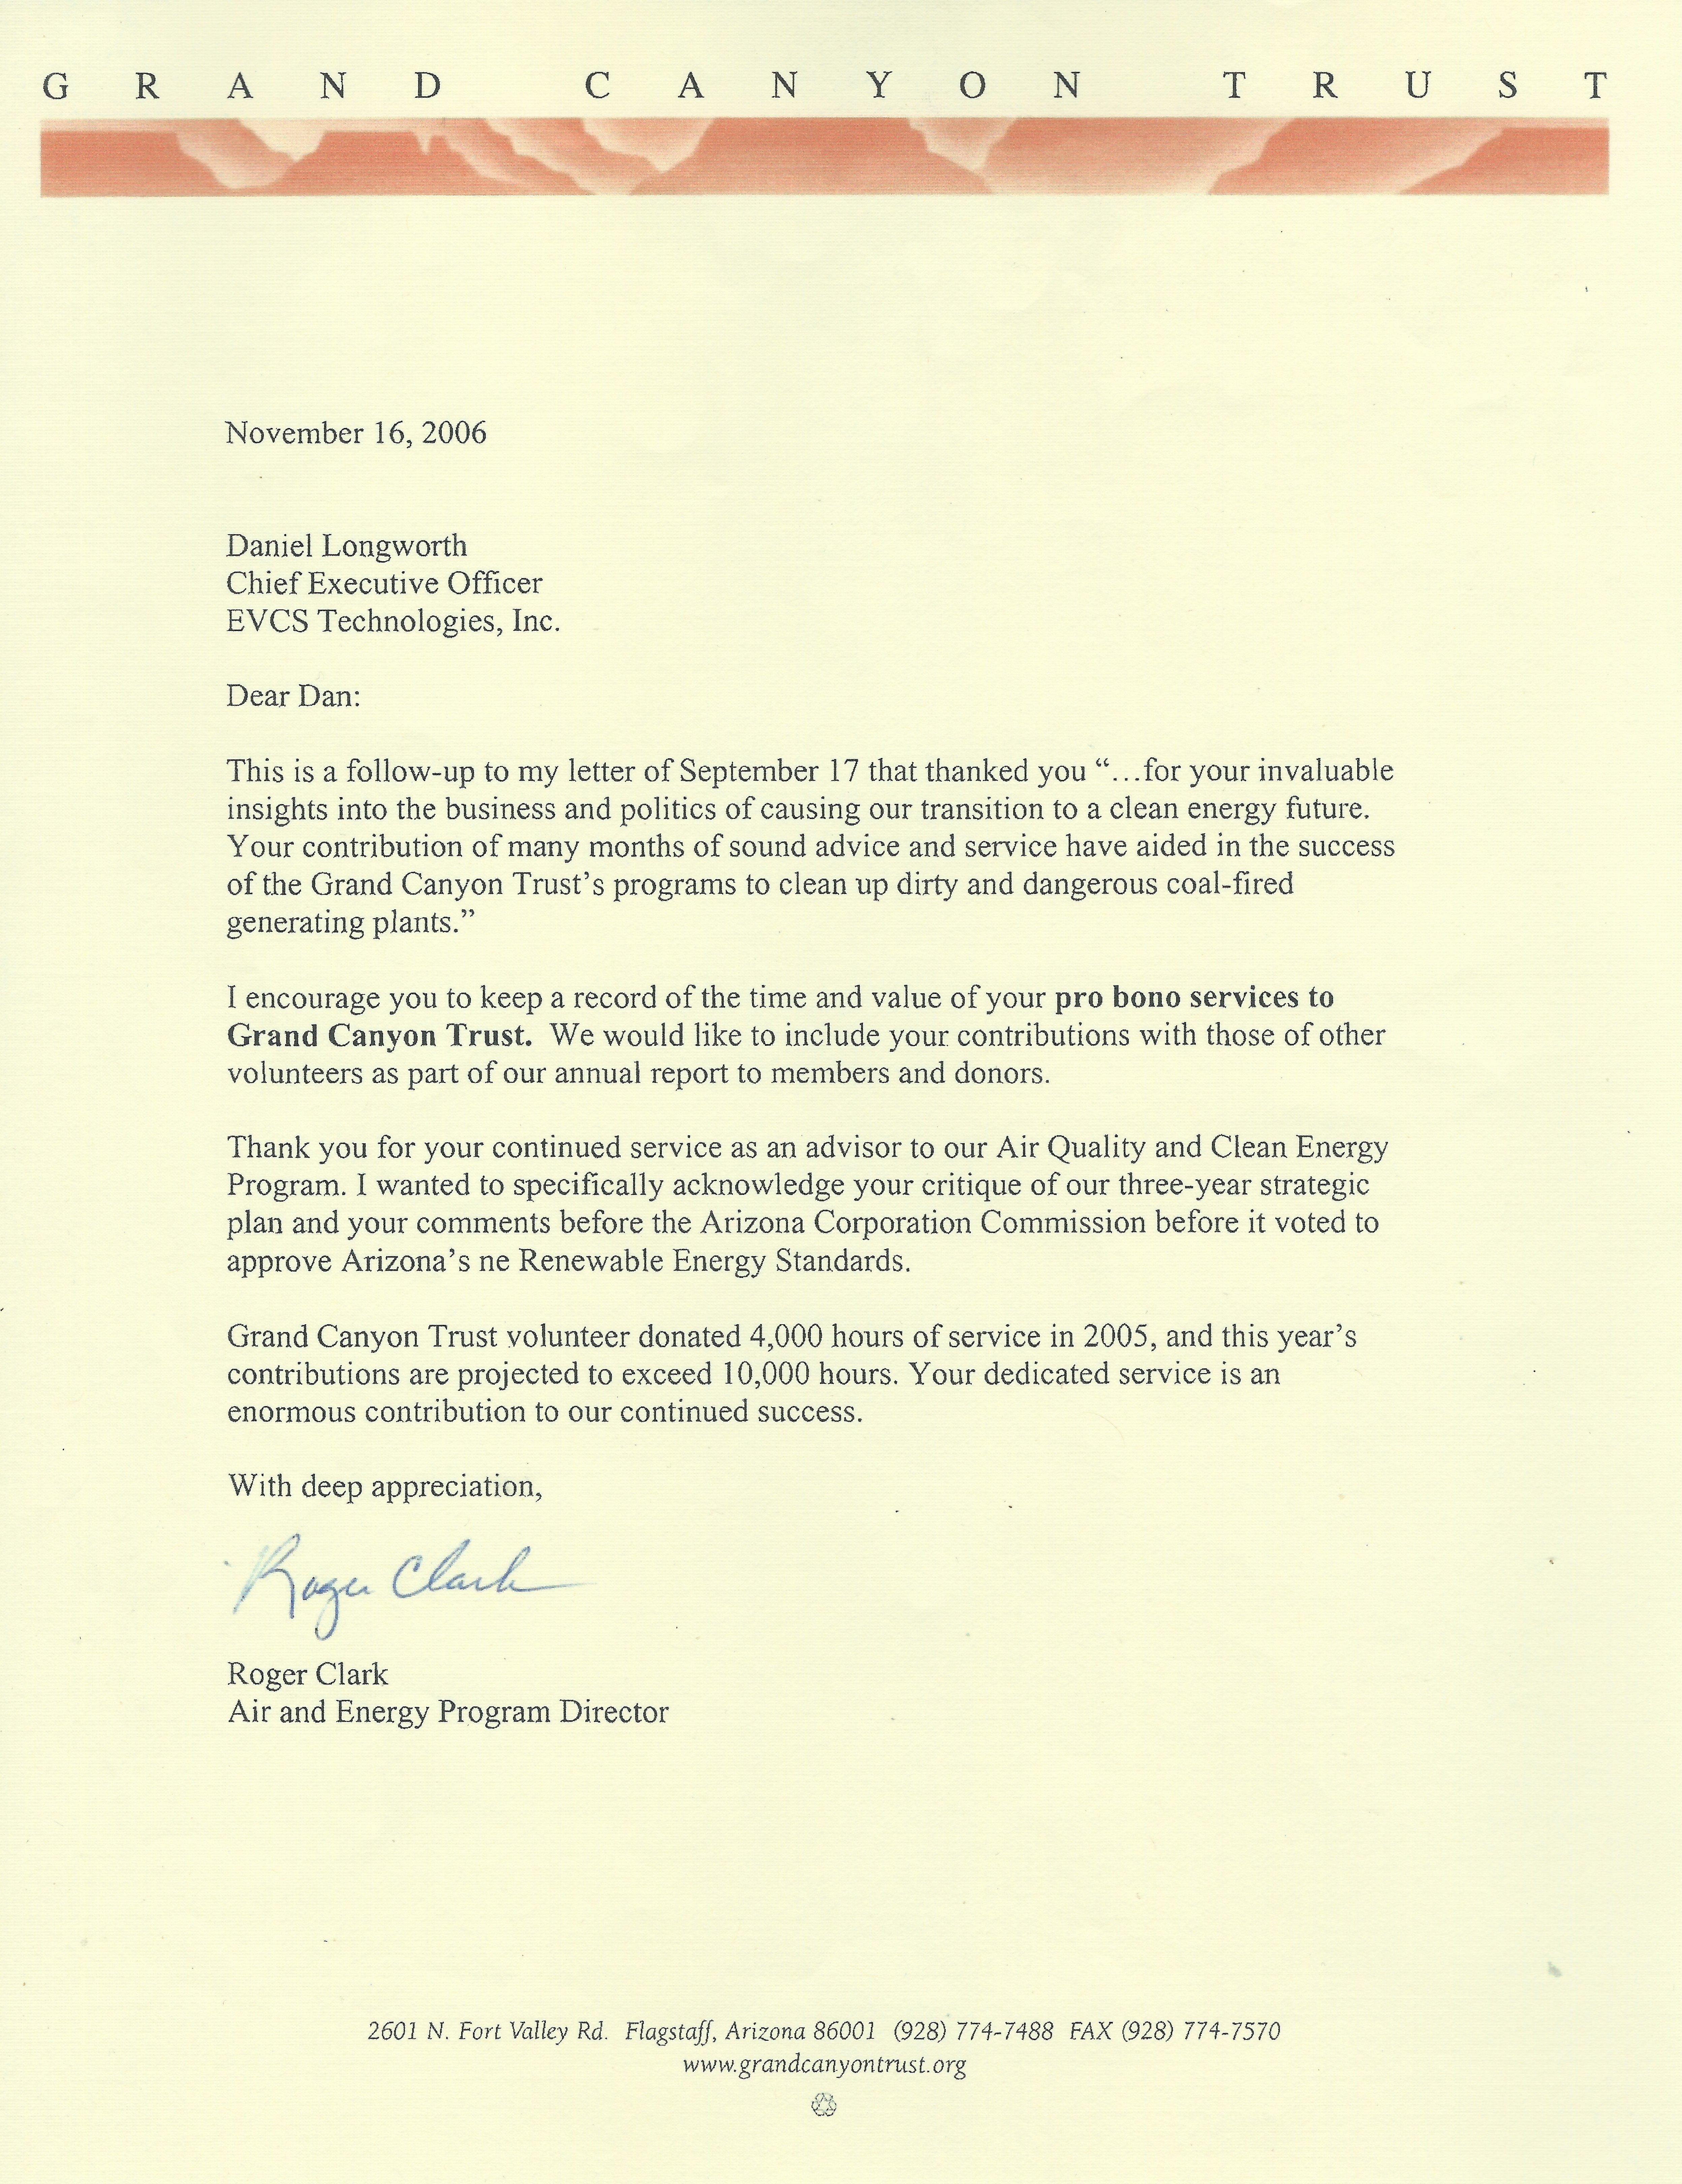 Advisor Letter-Grand Canyon Trust!